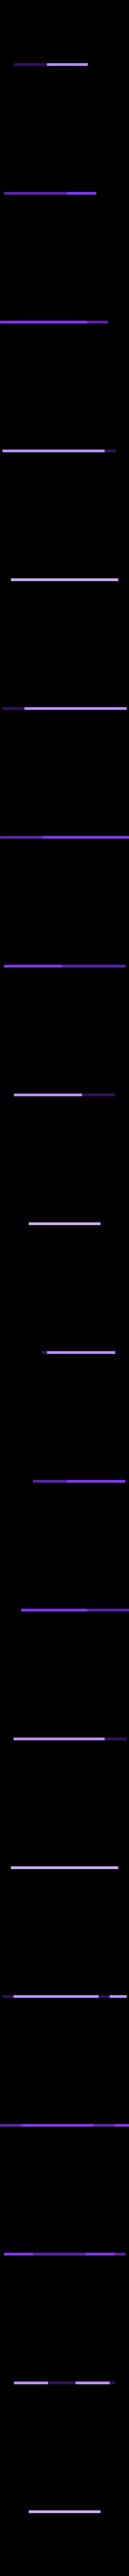 40k_9th_ed_measure_tool_-_Ulthwe_v1.stl Télécharger fichier STL gratuit Un outil de mesure rigide Warhammer 40k pour la 9ème édition • Objet pour imprimante 3D, seanbaker408